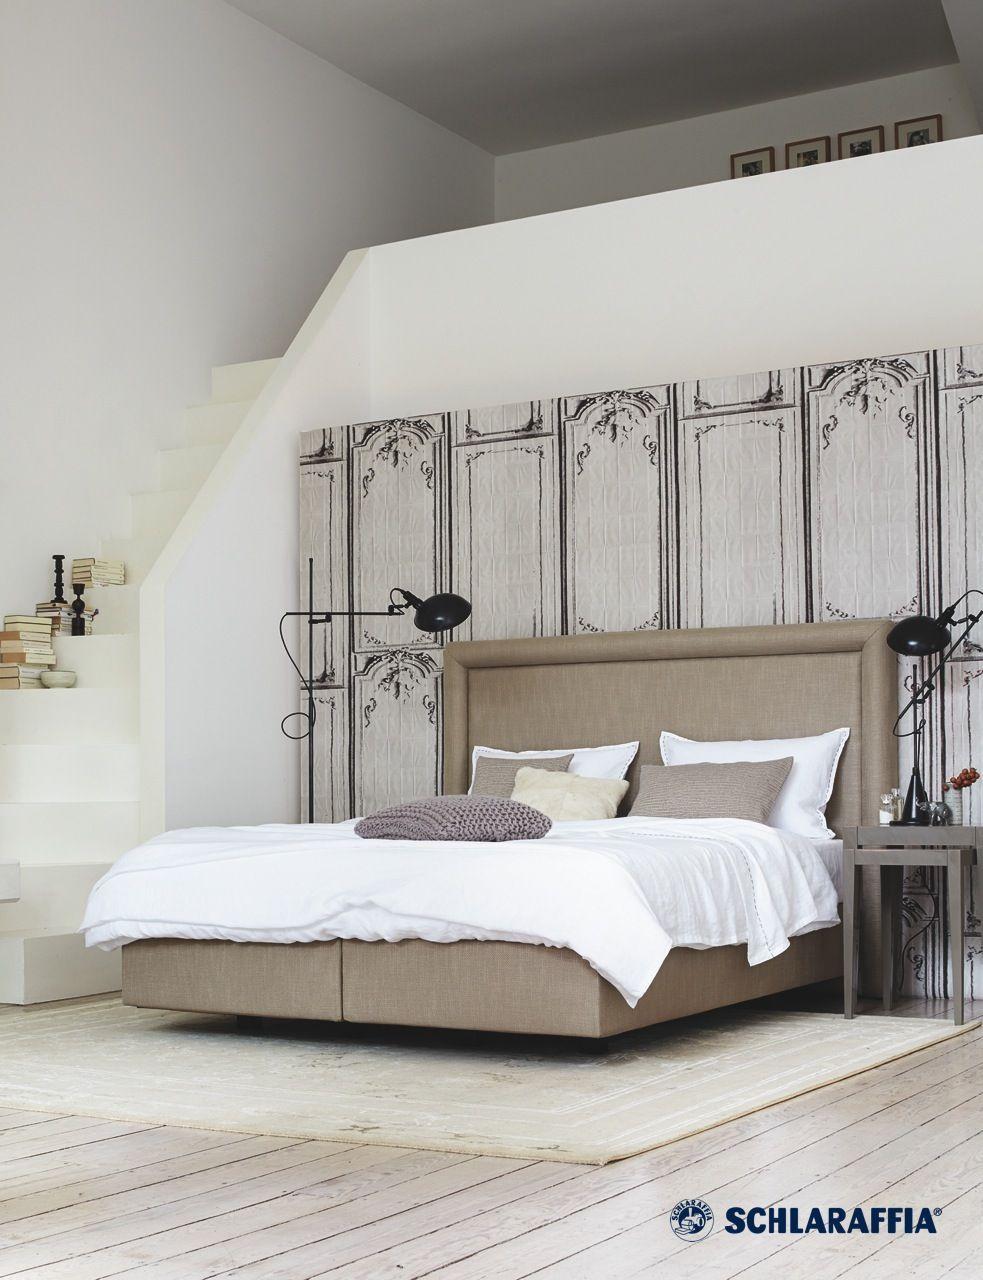 boxspring bett otello von schlaraffia betthaupt mit markantem rahmenprofil ganz nach den. Black Bedroom Furniture Sets. Home Design Ideas